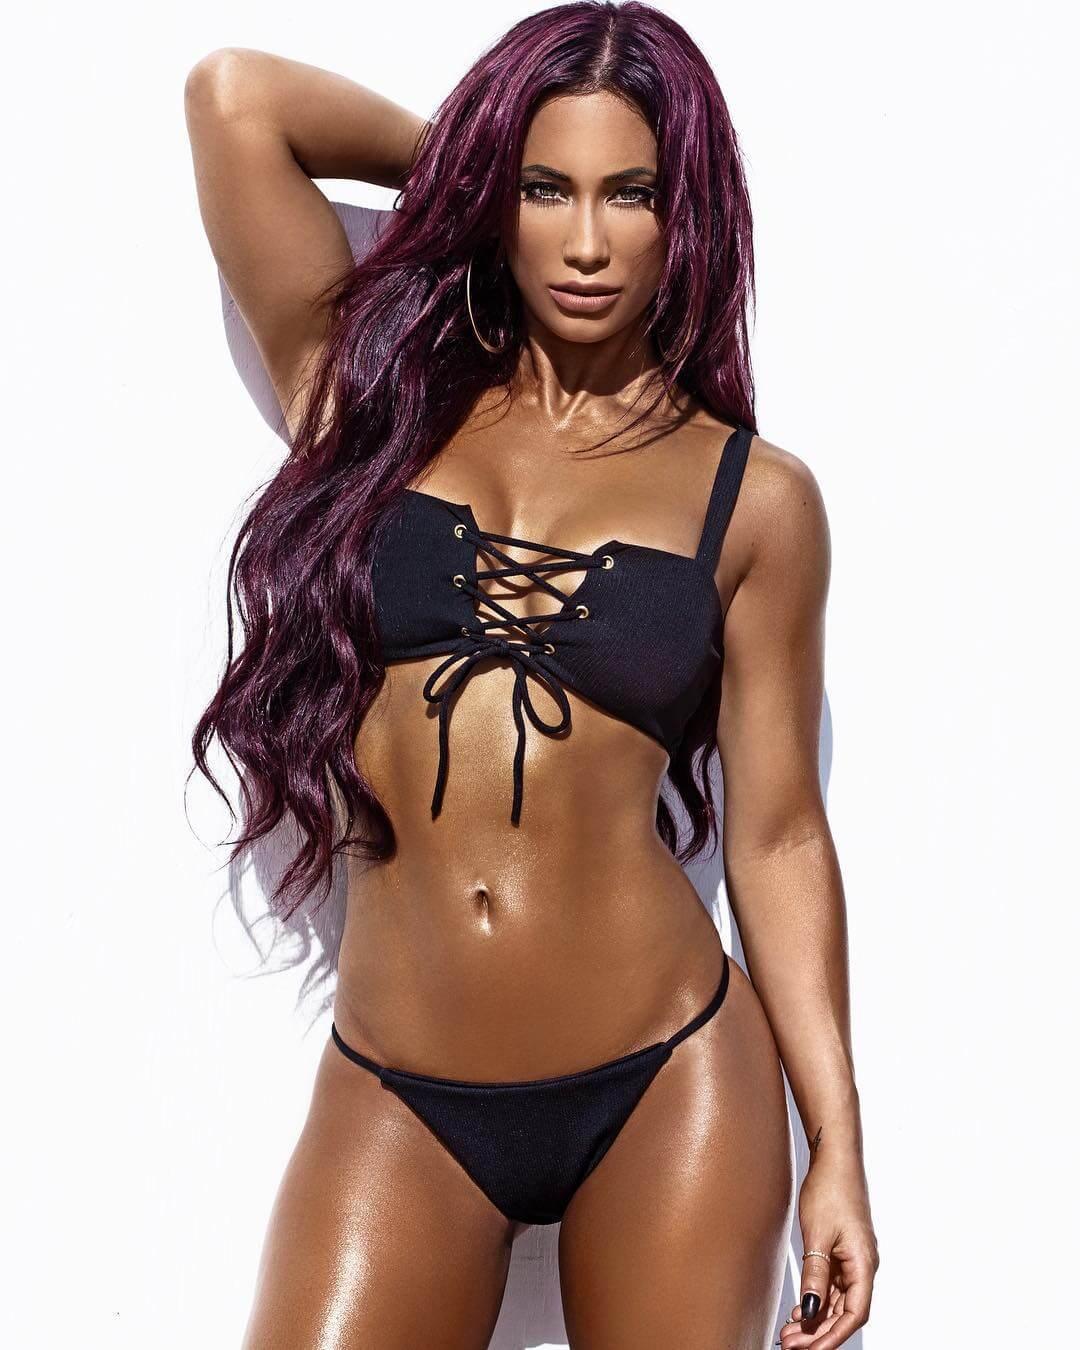 Carmella sexy cleavage pics